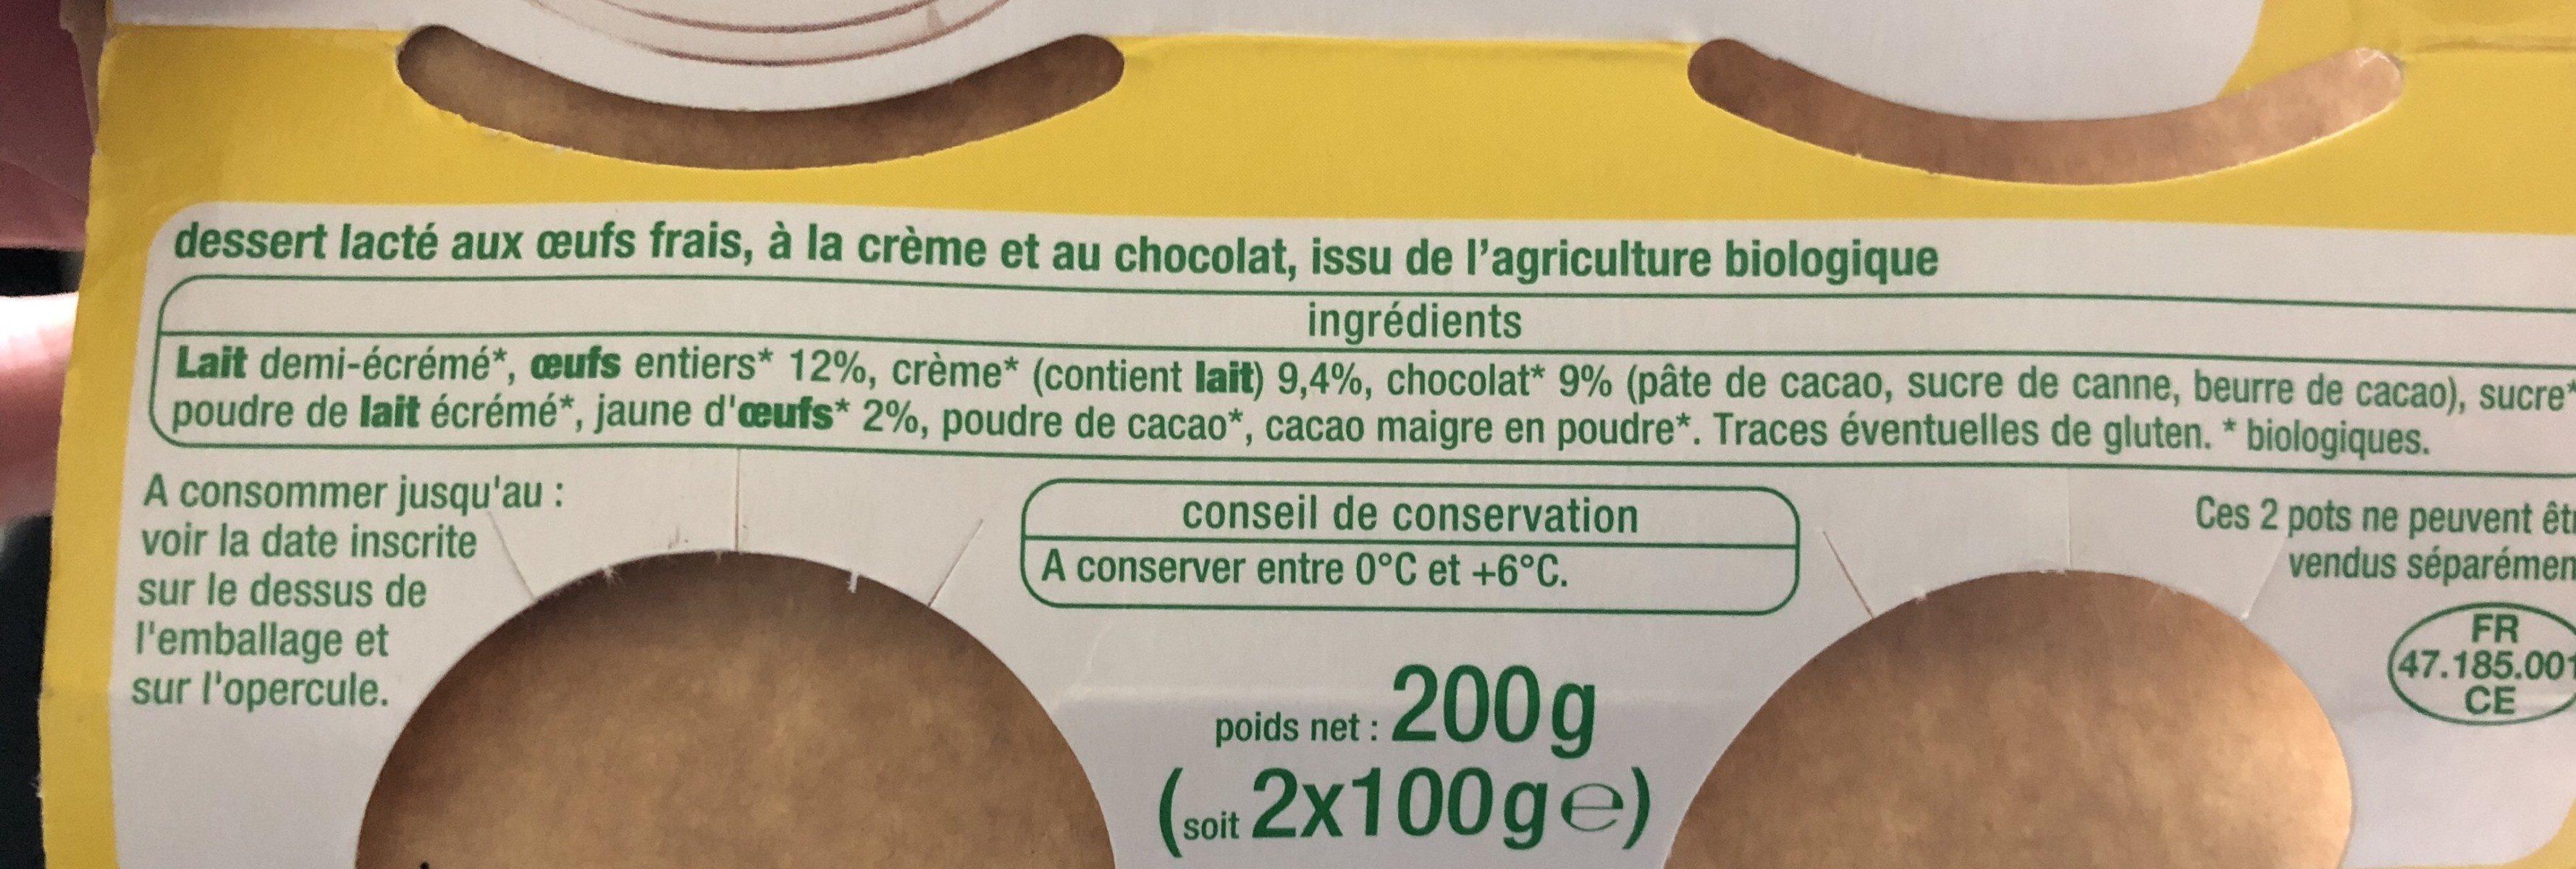 Petits pots de crème chocolat - Ingrédients - fr